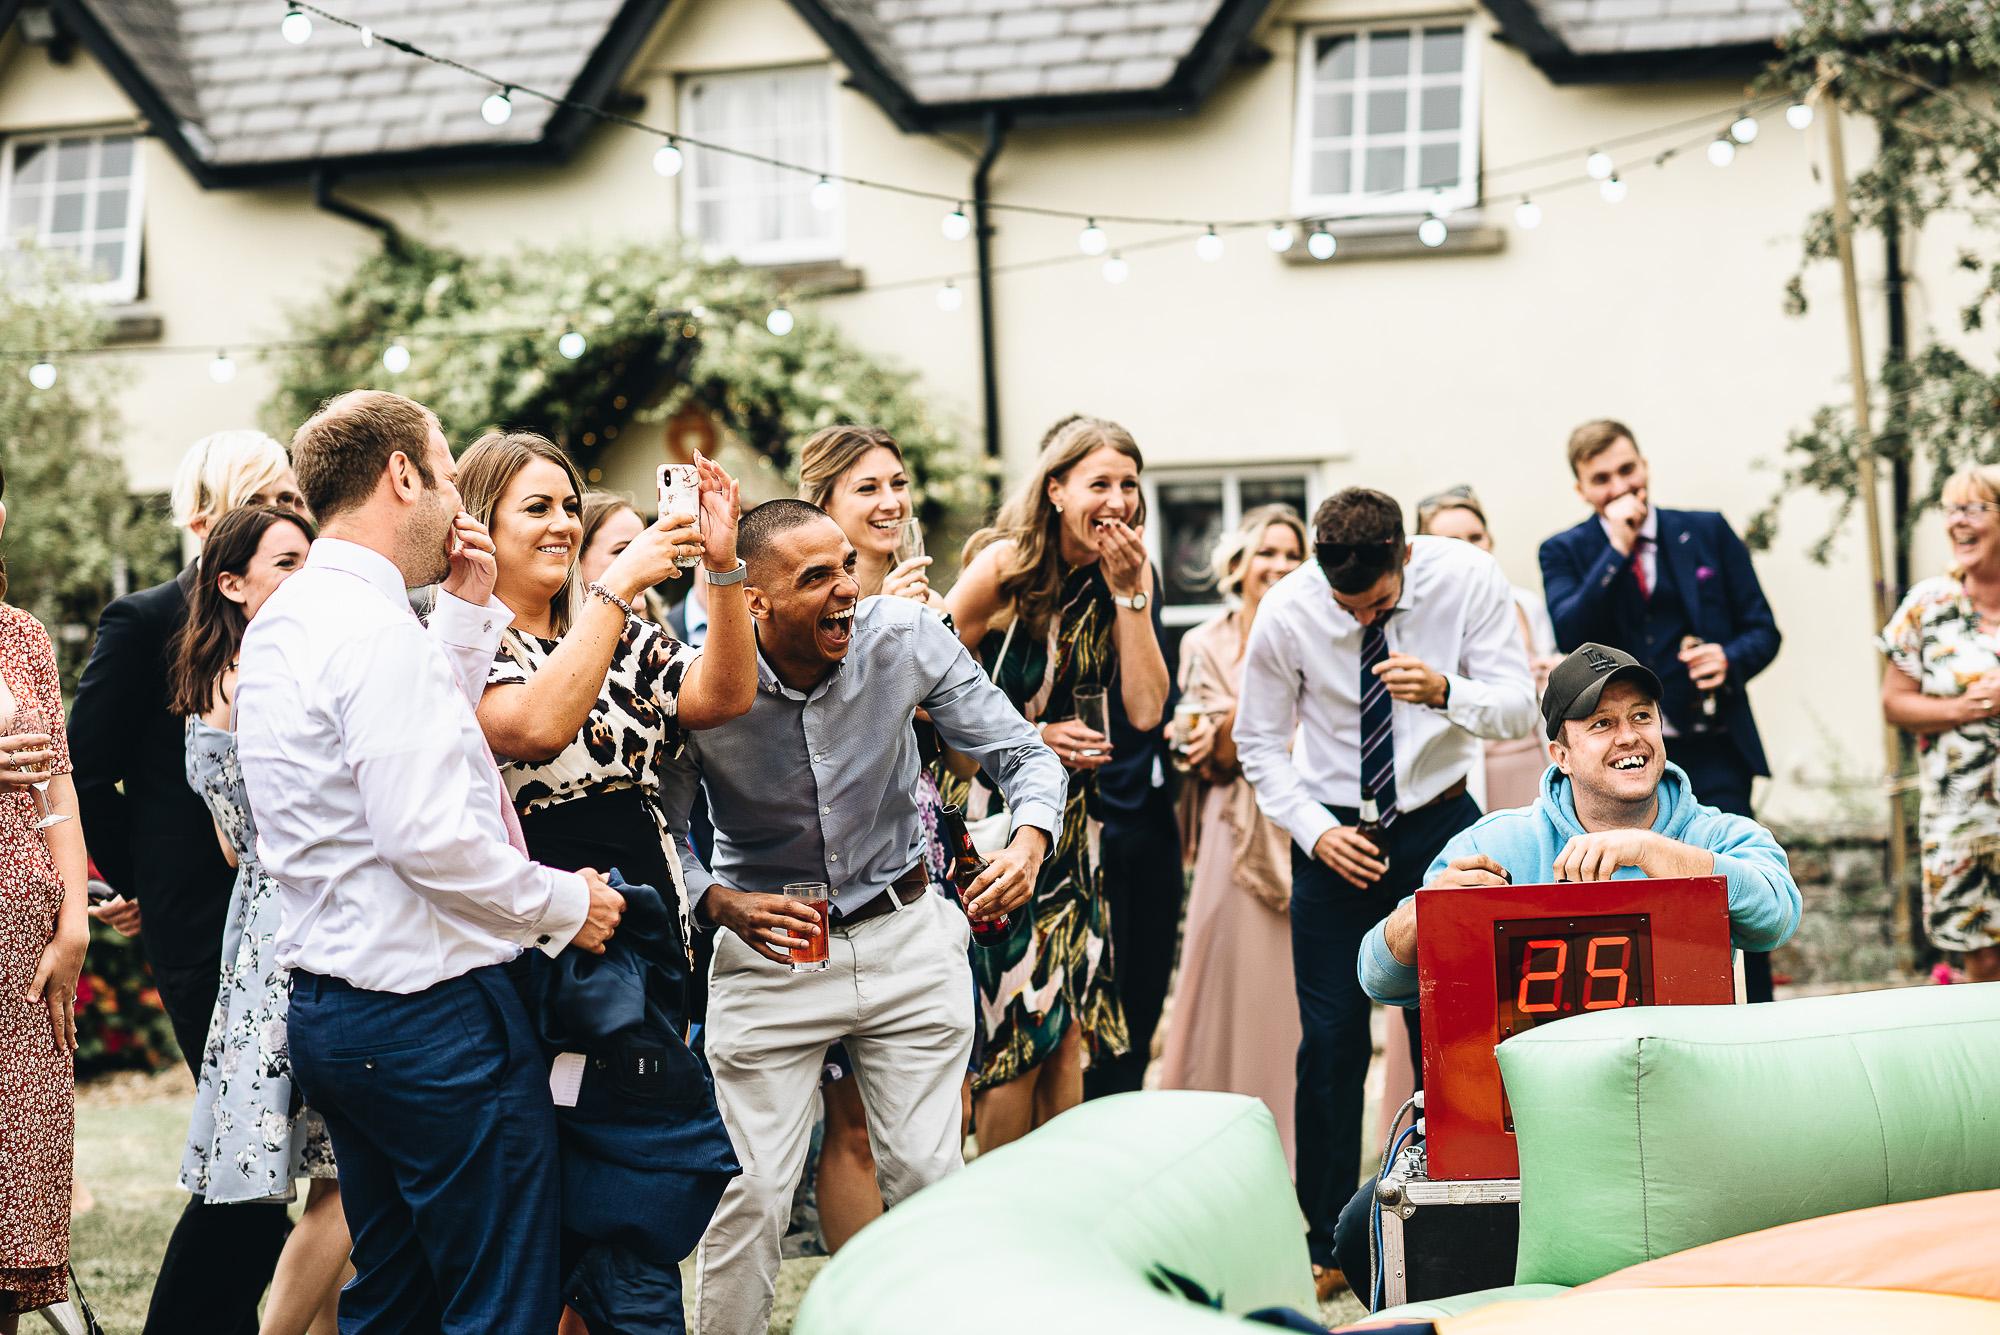 OurBeautifulAdventure-CardiffCastleWedding-Maddie&Joe-WeddingBlog-0236.jpg